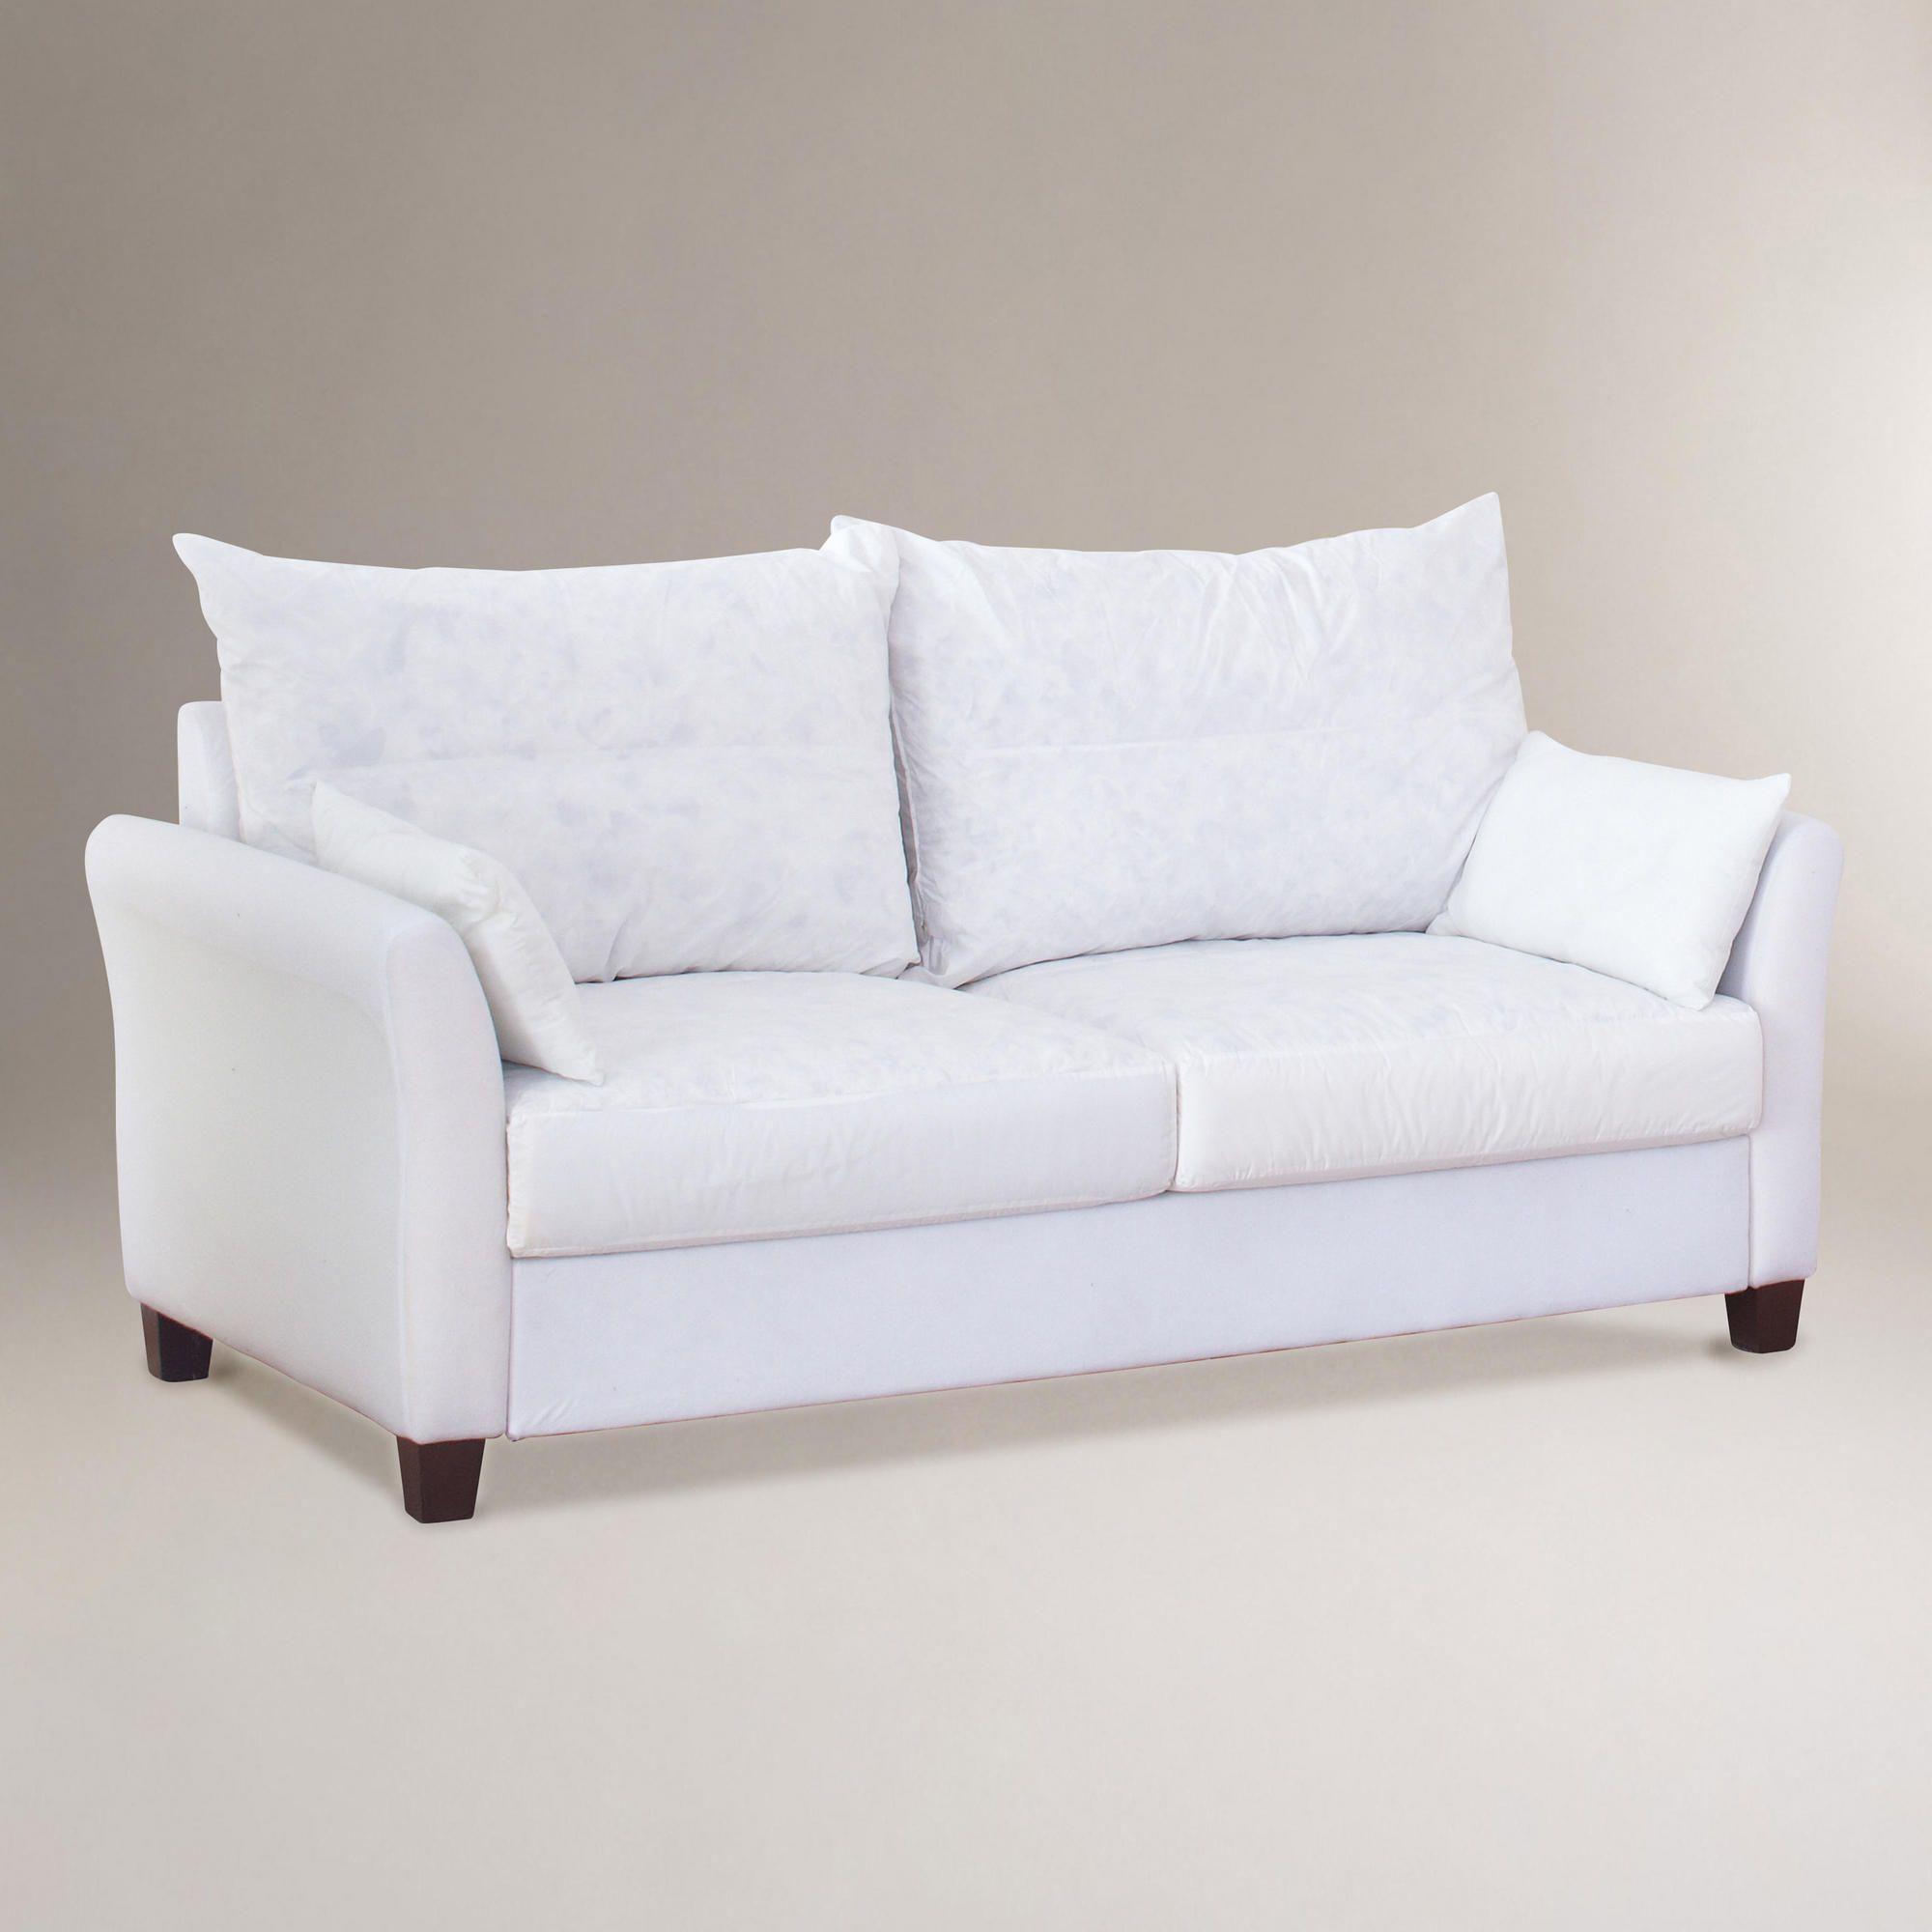 Luxe Sofa Frame